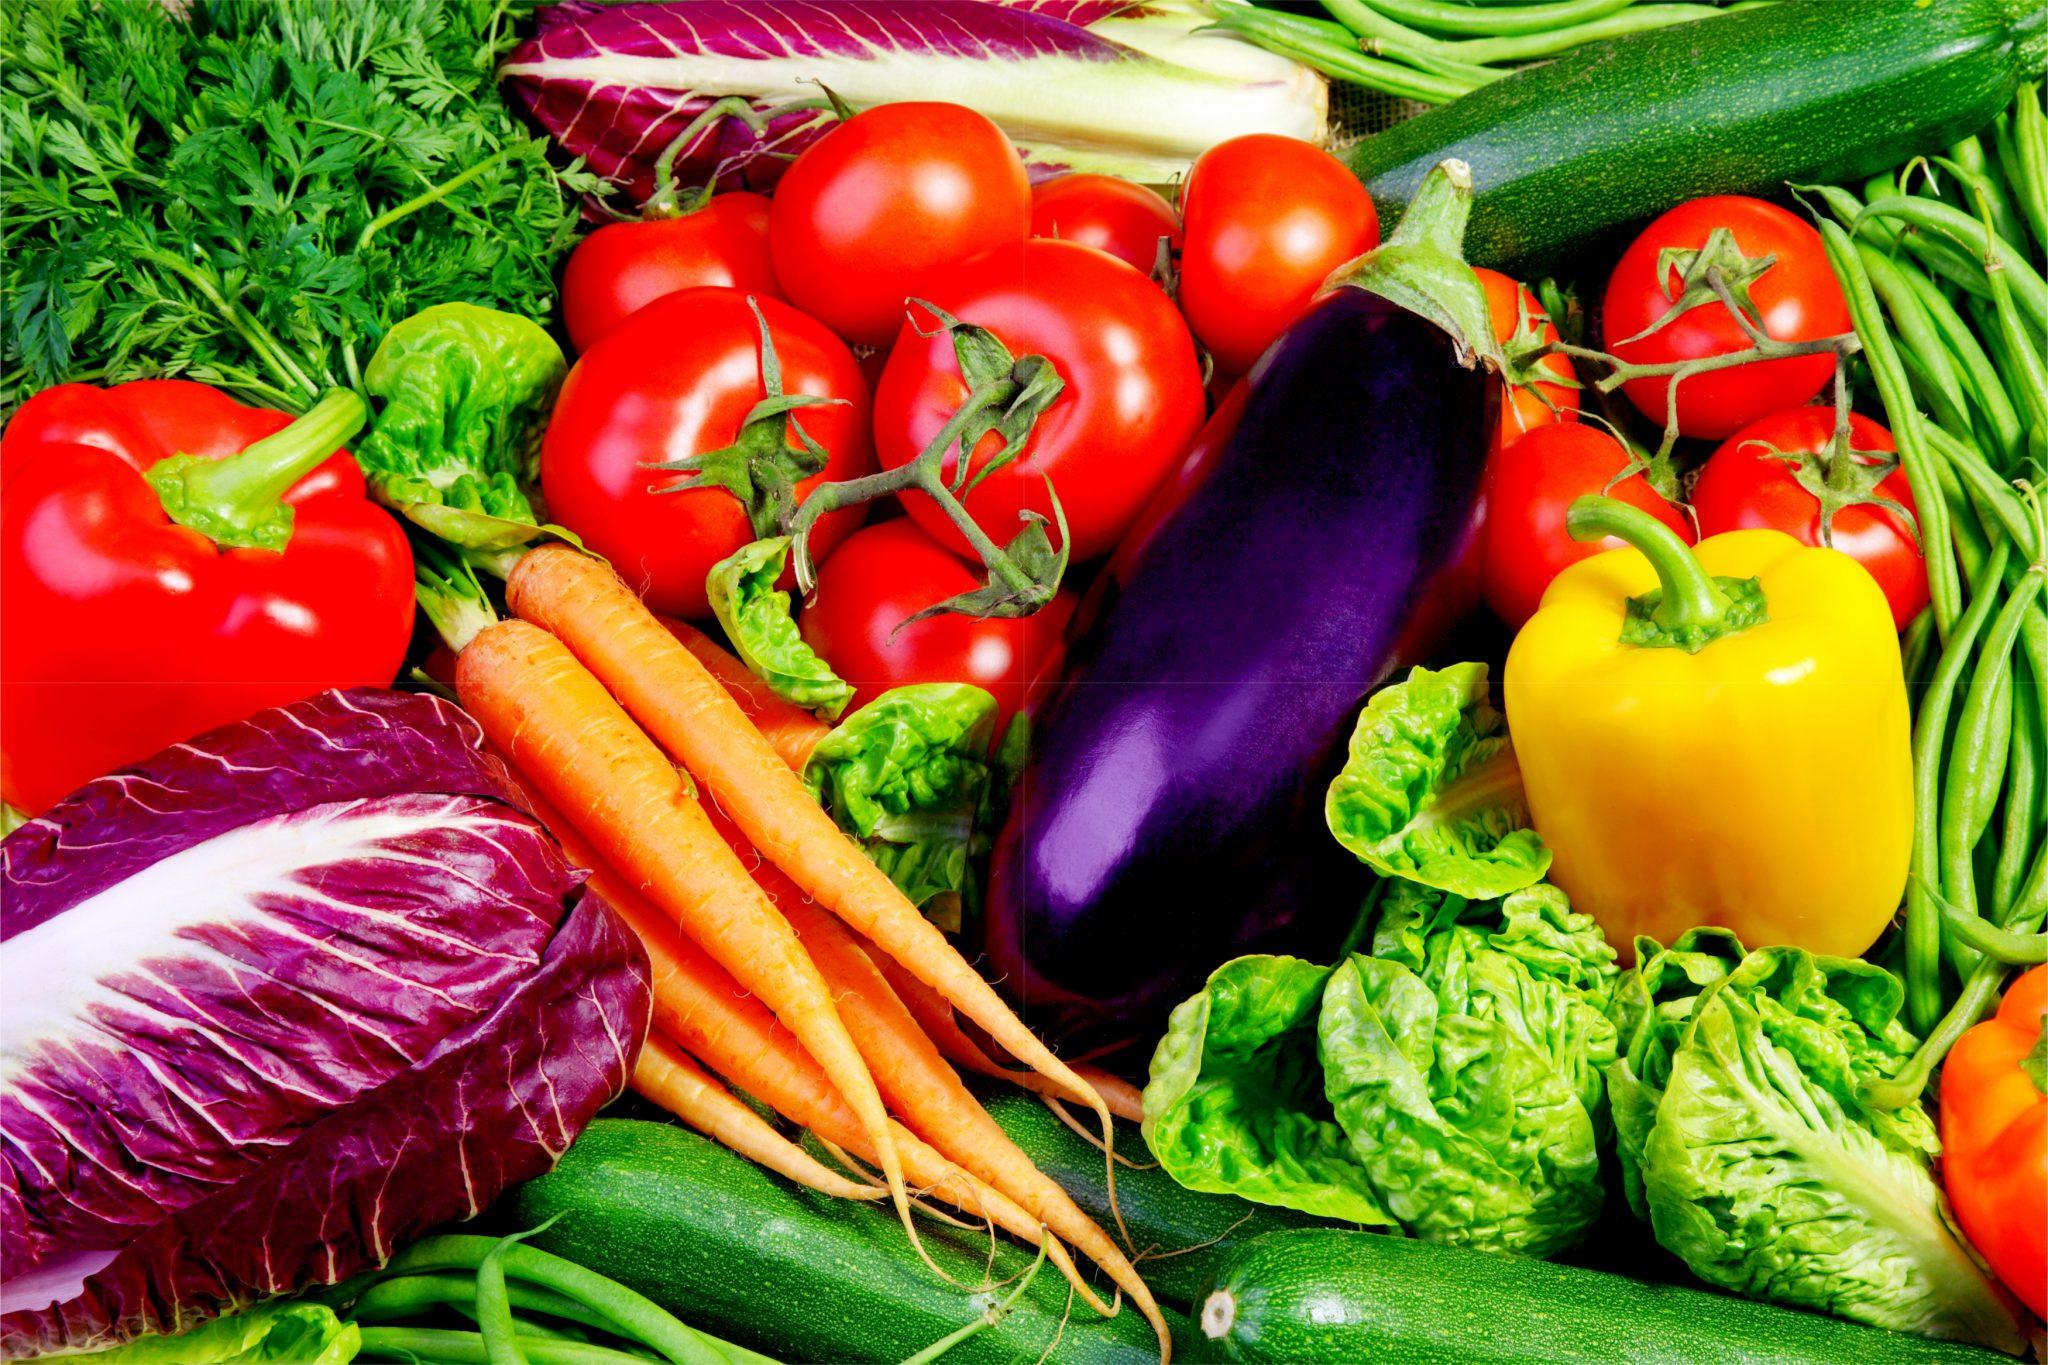 採れたての野菜を集めた写真